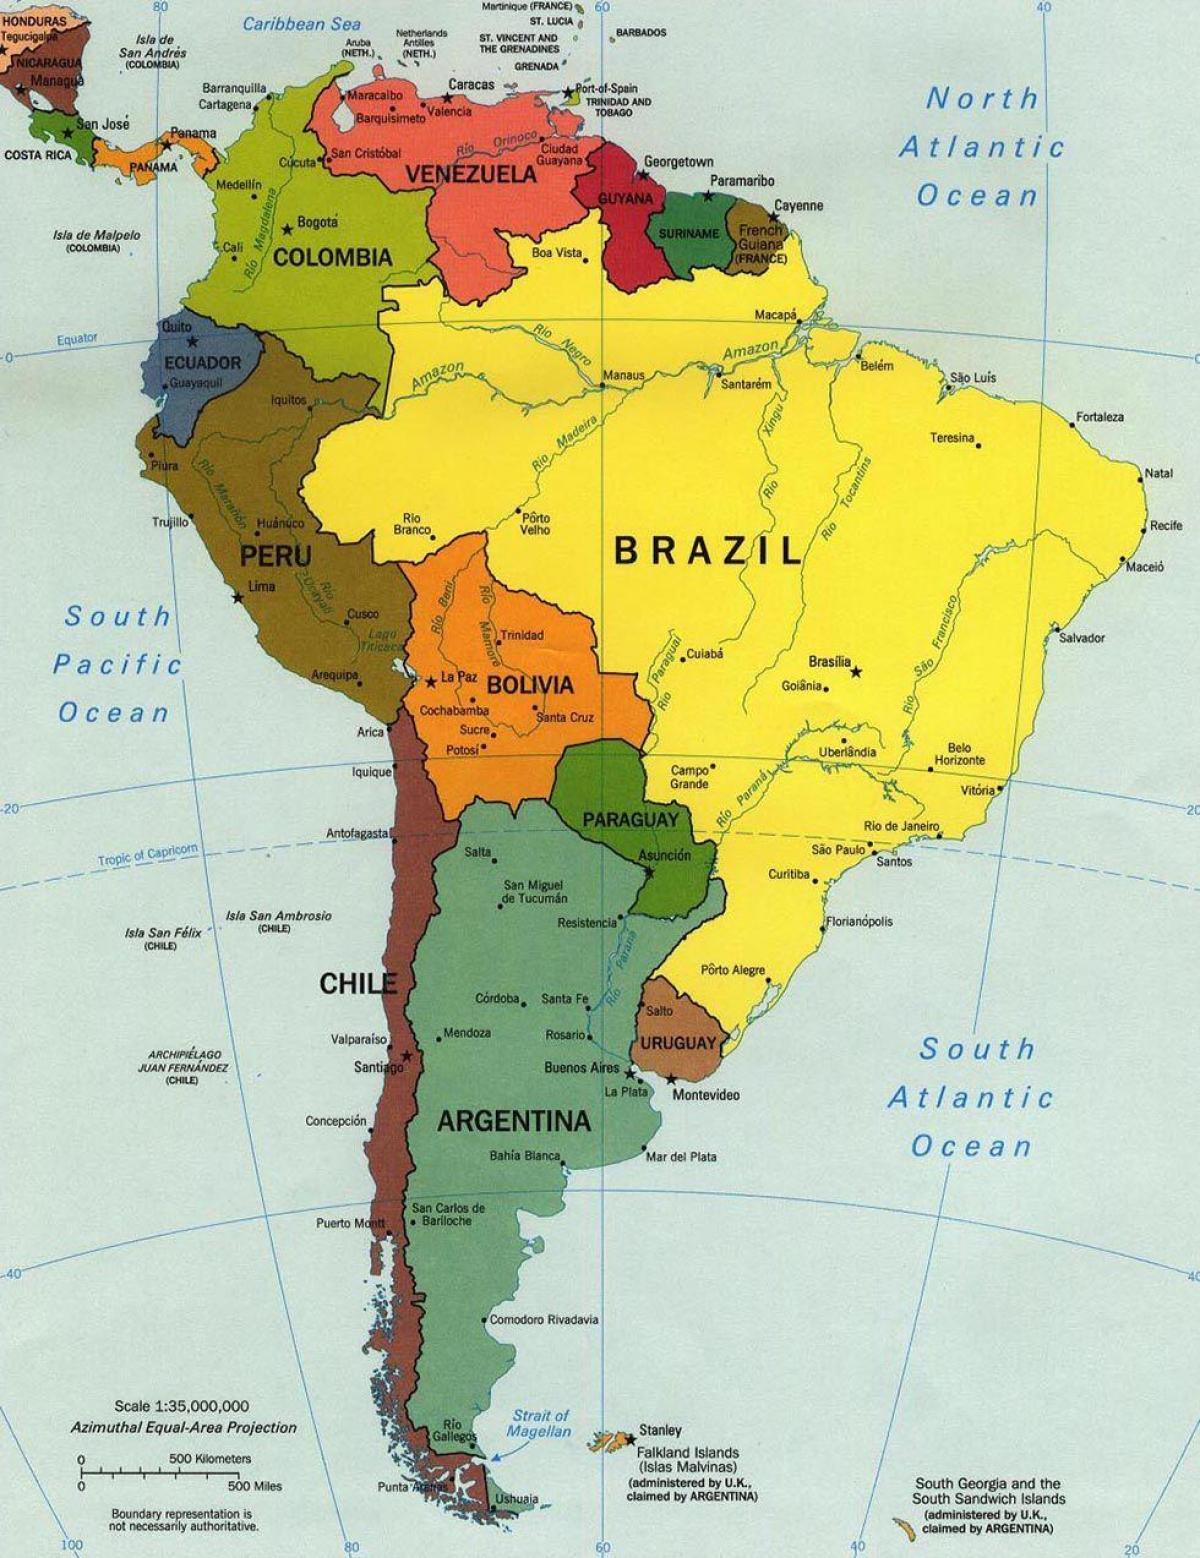 amerika térkép Brazília dél amerika térkép   Brazília dél amerika térkép (Dél  amerika térkép